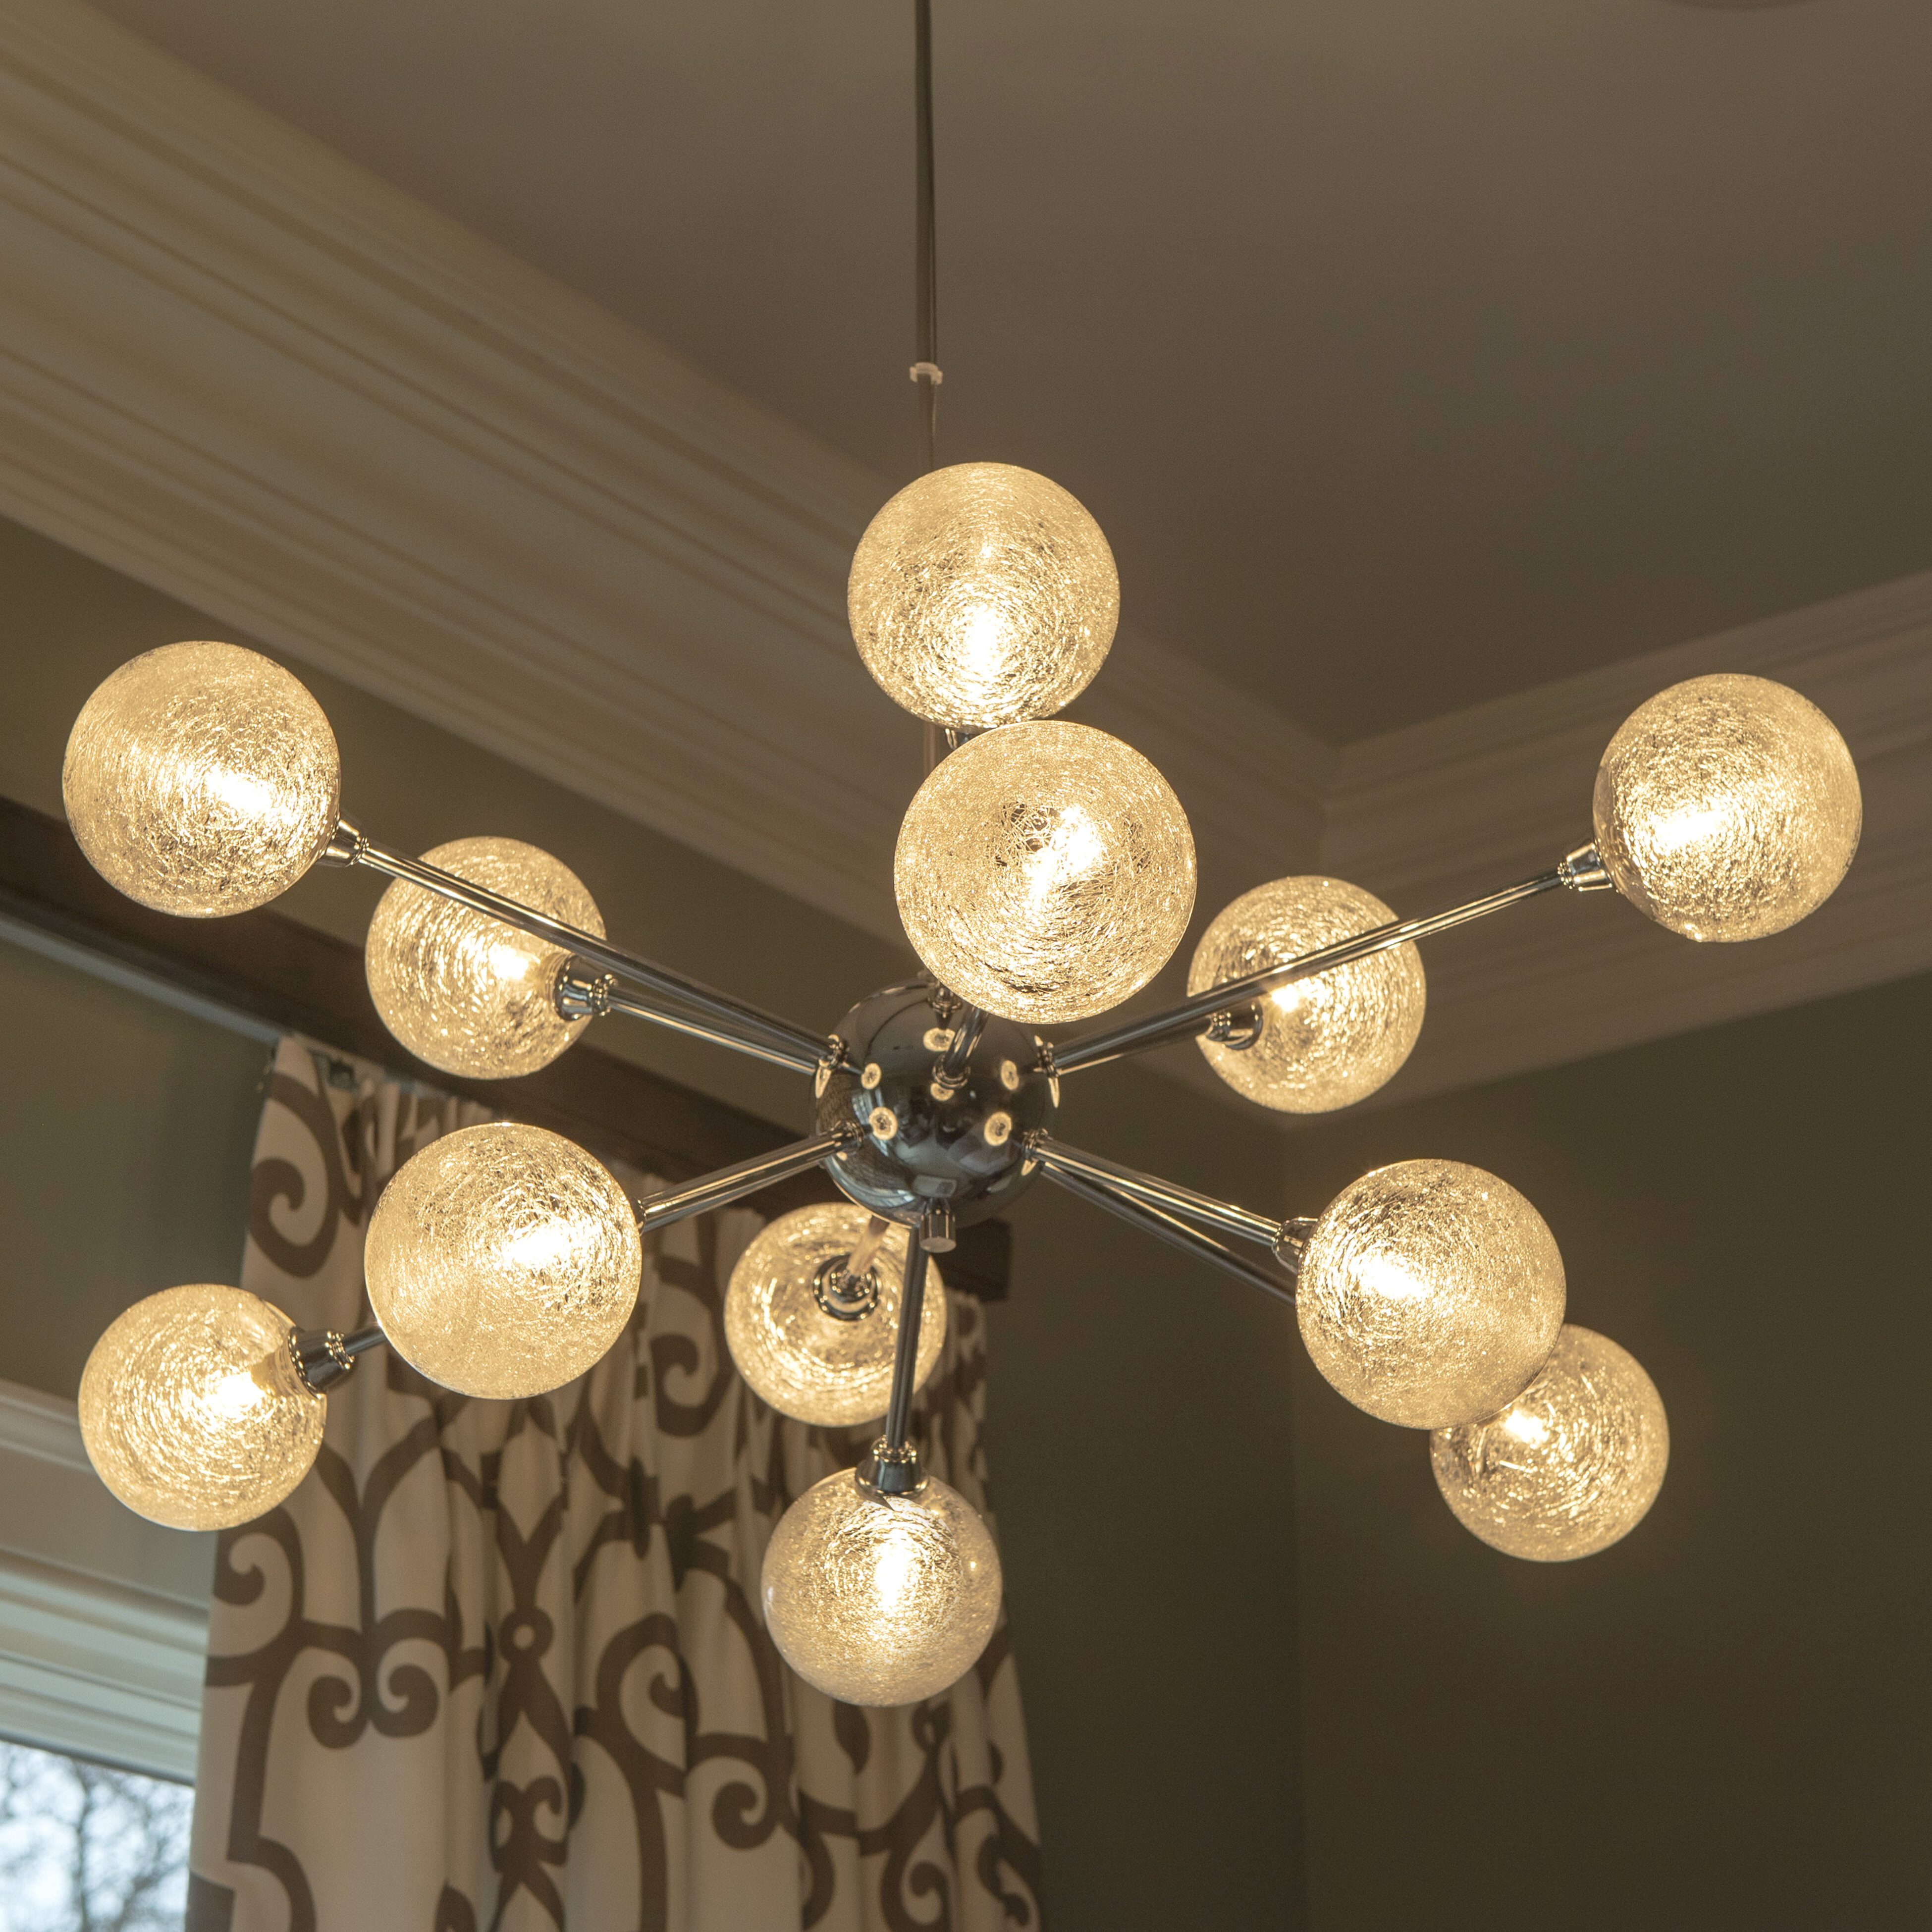 Ike 12-Light Sputnik Chandelier intended for Most Up-to-Date Asher 12-Light Sputnik Chandeliers